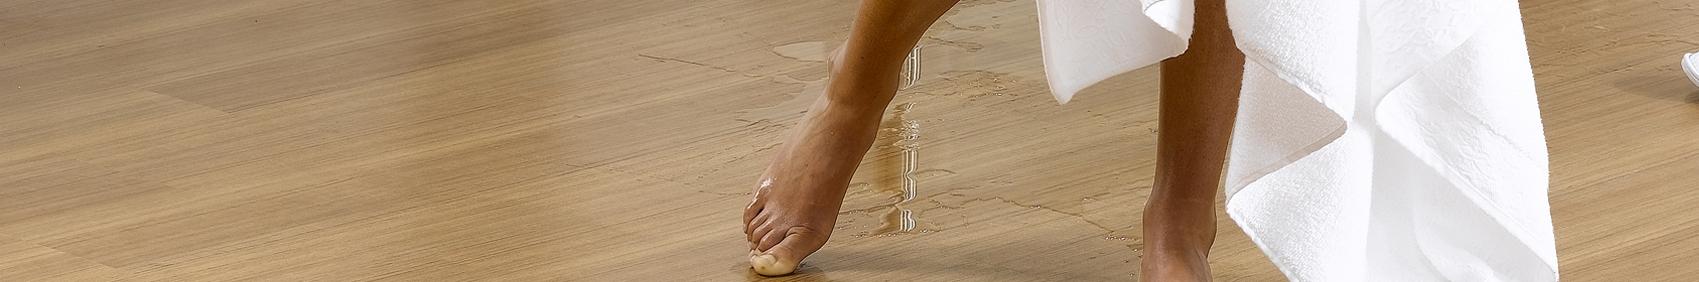 Pavimento vinilico 2,5 mm posa incollata